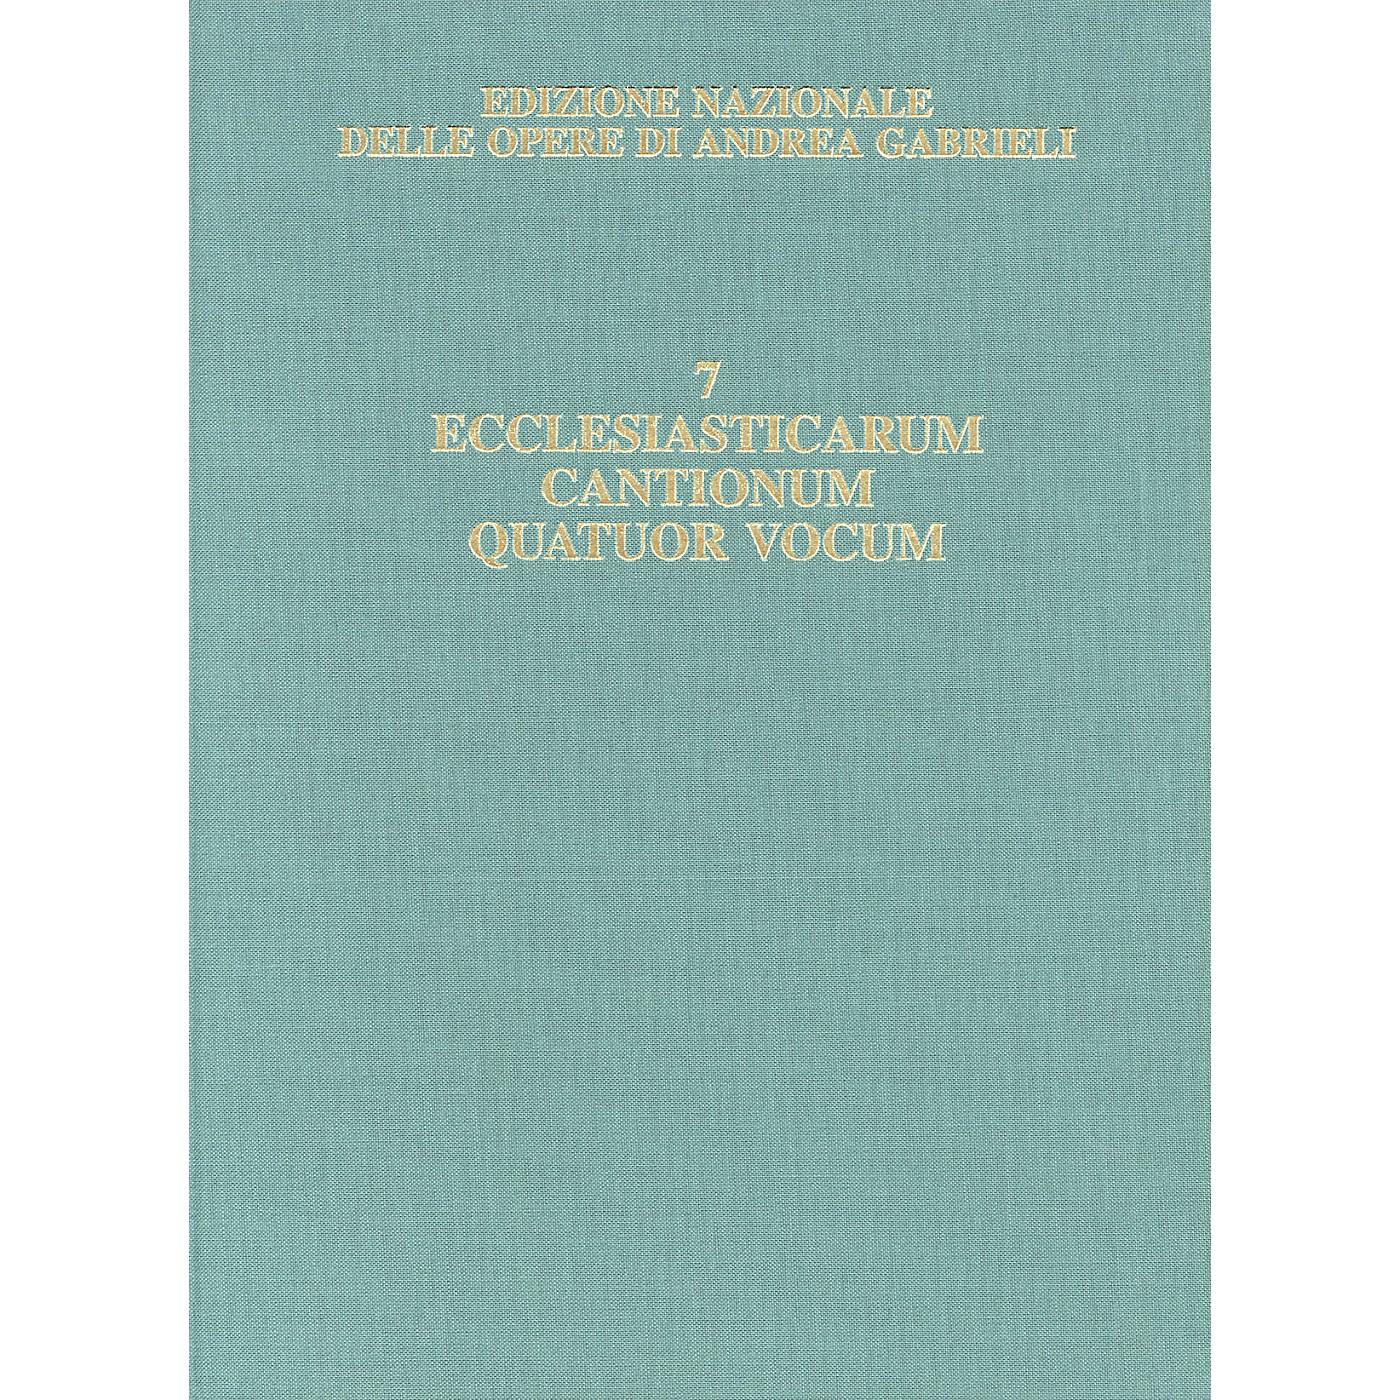 Ricordi Edizione Nazionale Delle Opere Di Andrea Gabrieli - Volume 7 Score Composed by Andrea Gabrieli thumbnail